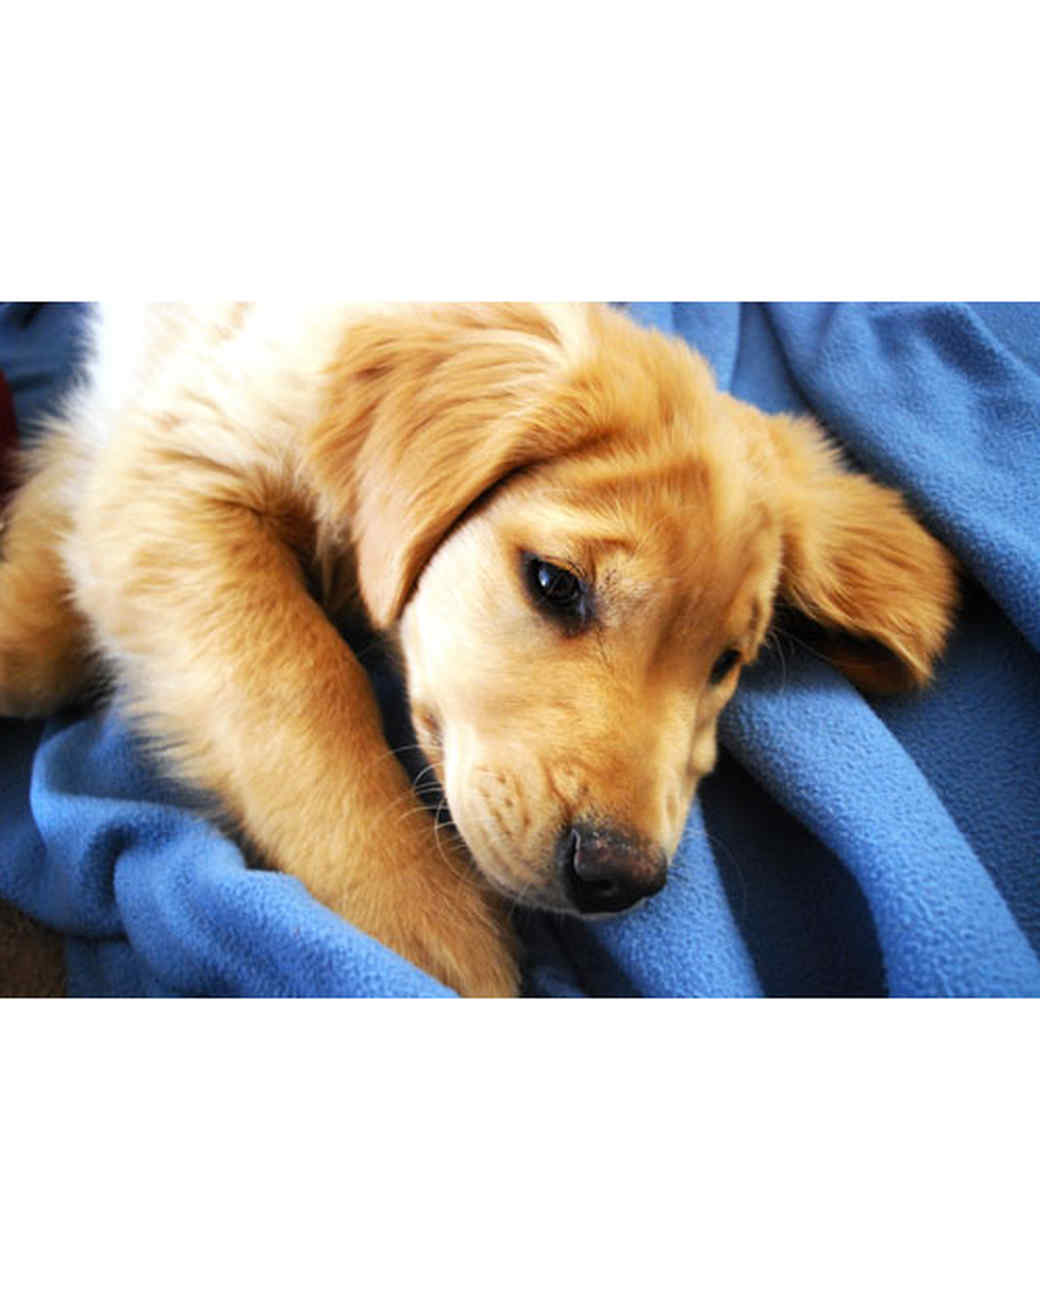 pets-at-play-0311-12980350_30657810.jpg